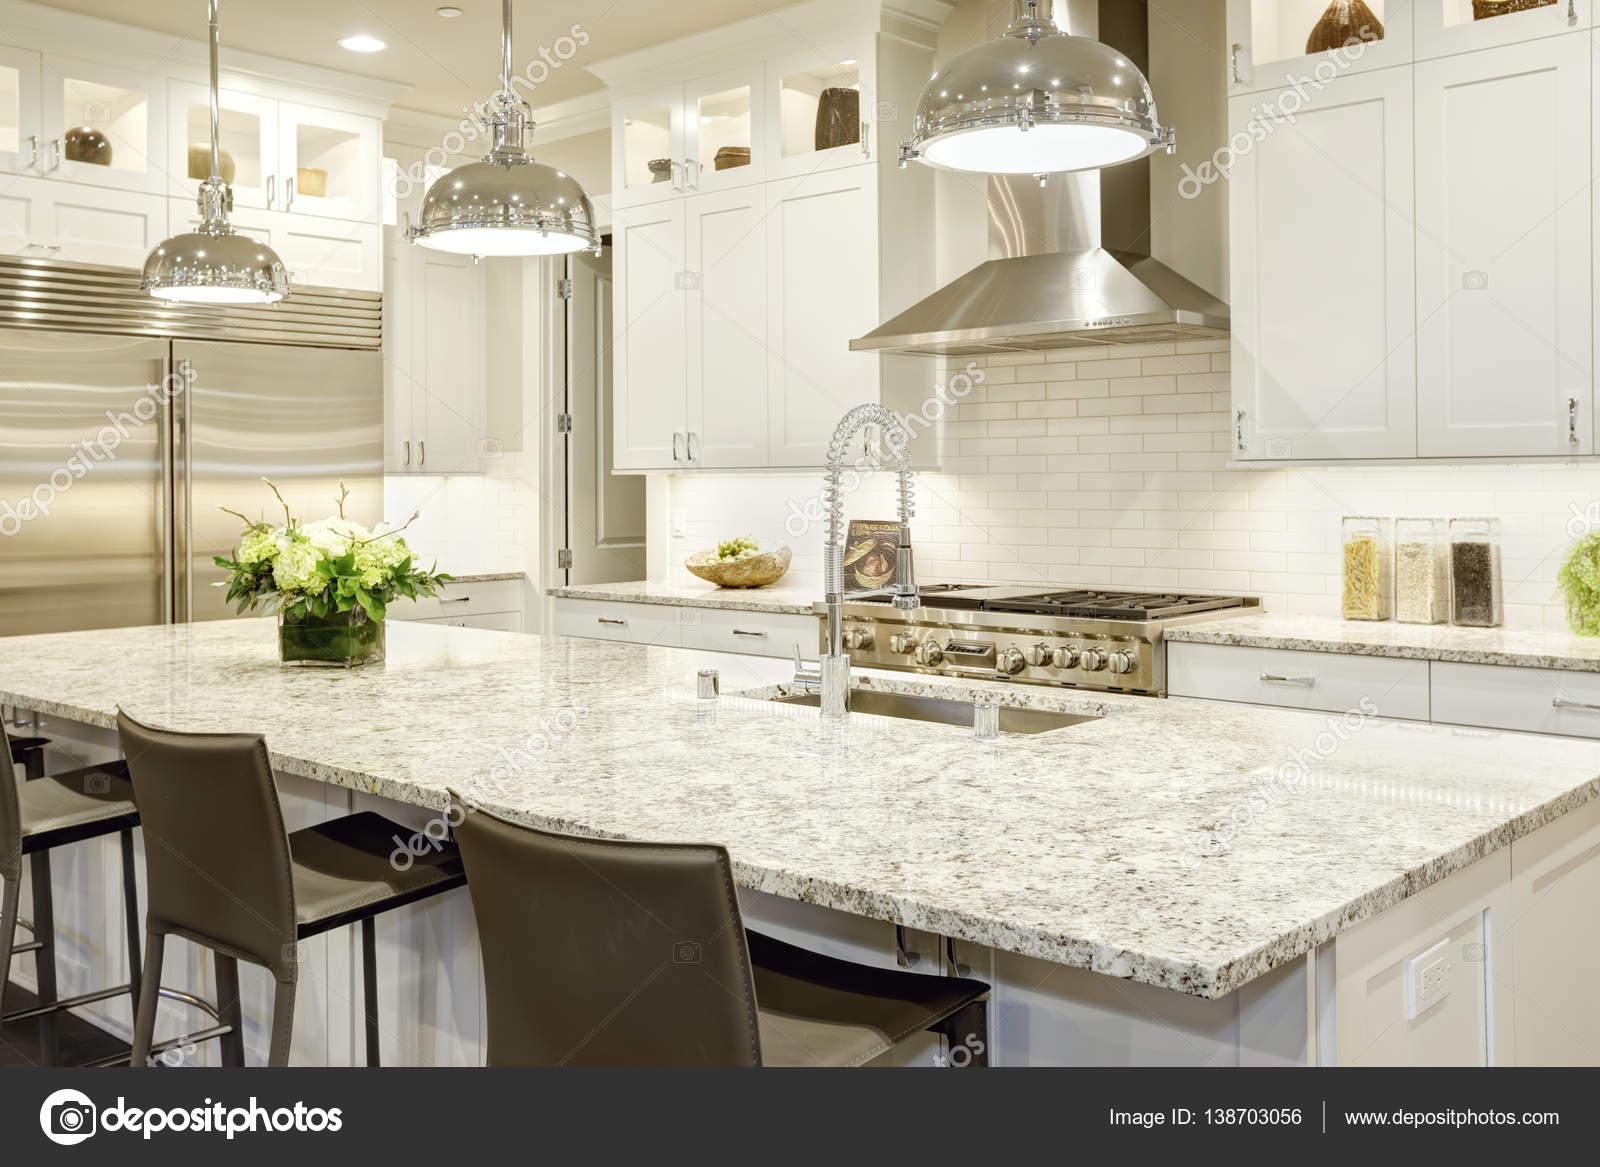 bianco design nella nuova casa di lusso ? foto stock #138703056 - Cucina Di Design Armadio Di Lusso